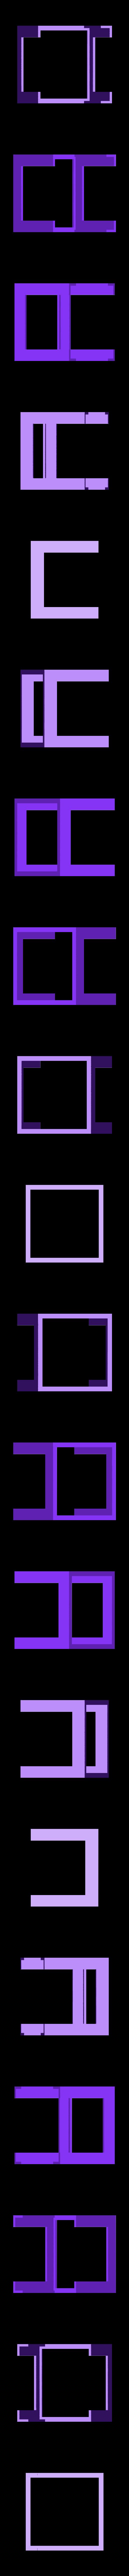 Vase_central_support_legs.stl Télécharger fichier STL gratuit Robinet magique • Objet pour impression 3D, Hazon_Maker